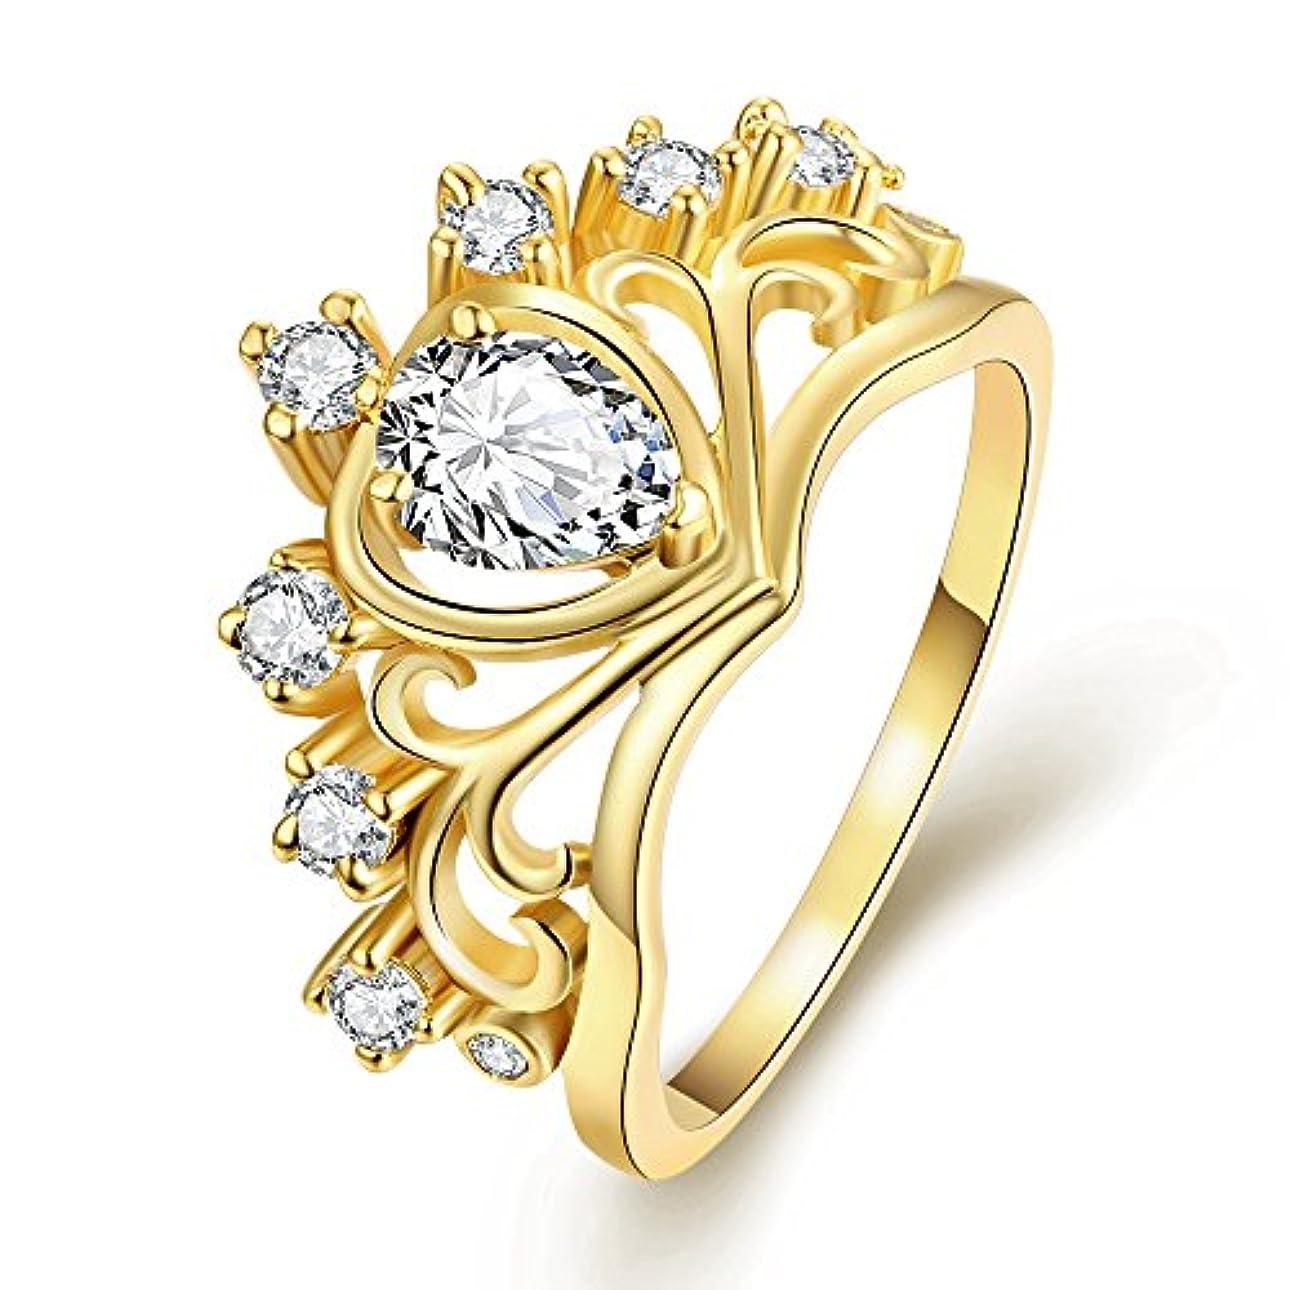 オレンジ小数想定する18k日韓が売れる おしゃれハート型ゴールドジルコン指輪 美しいクラウン結婚指輪 ウエディングドレスアクセサリー 輝く水晶の指輪 記念日のプレゼント ルギー防止